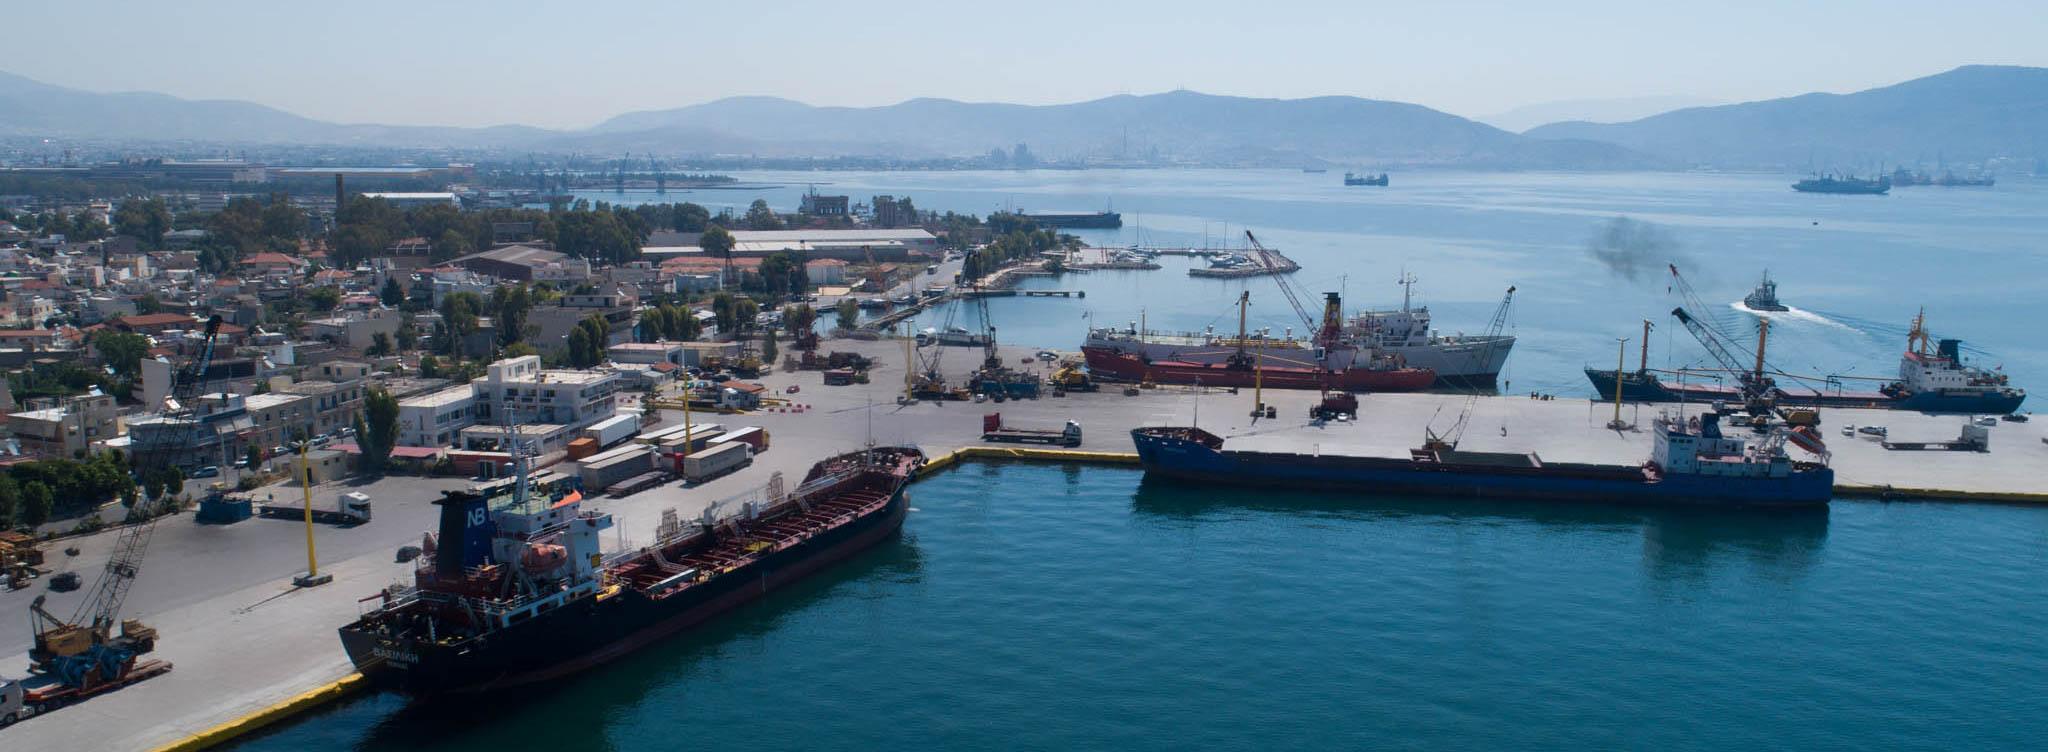 You are currently viewing Σε ετοιμότητα ο Λιμένας Ελευσίνας για τις ανάγκες του έργου στο Ελληνικό